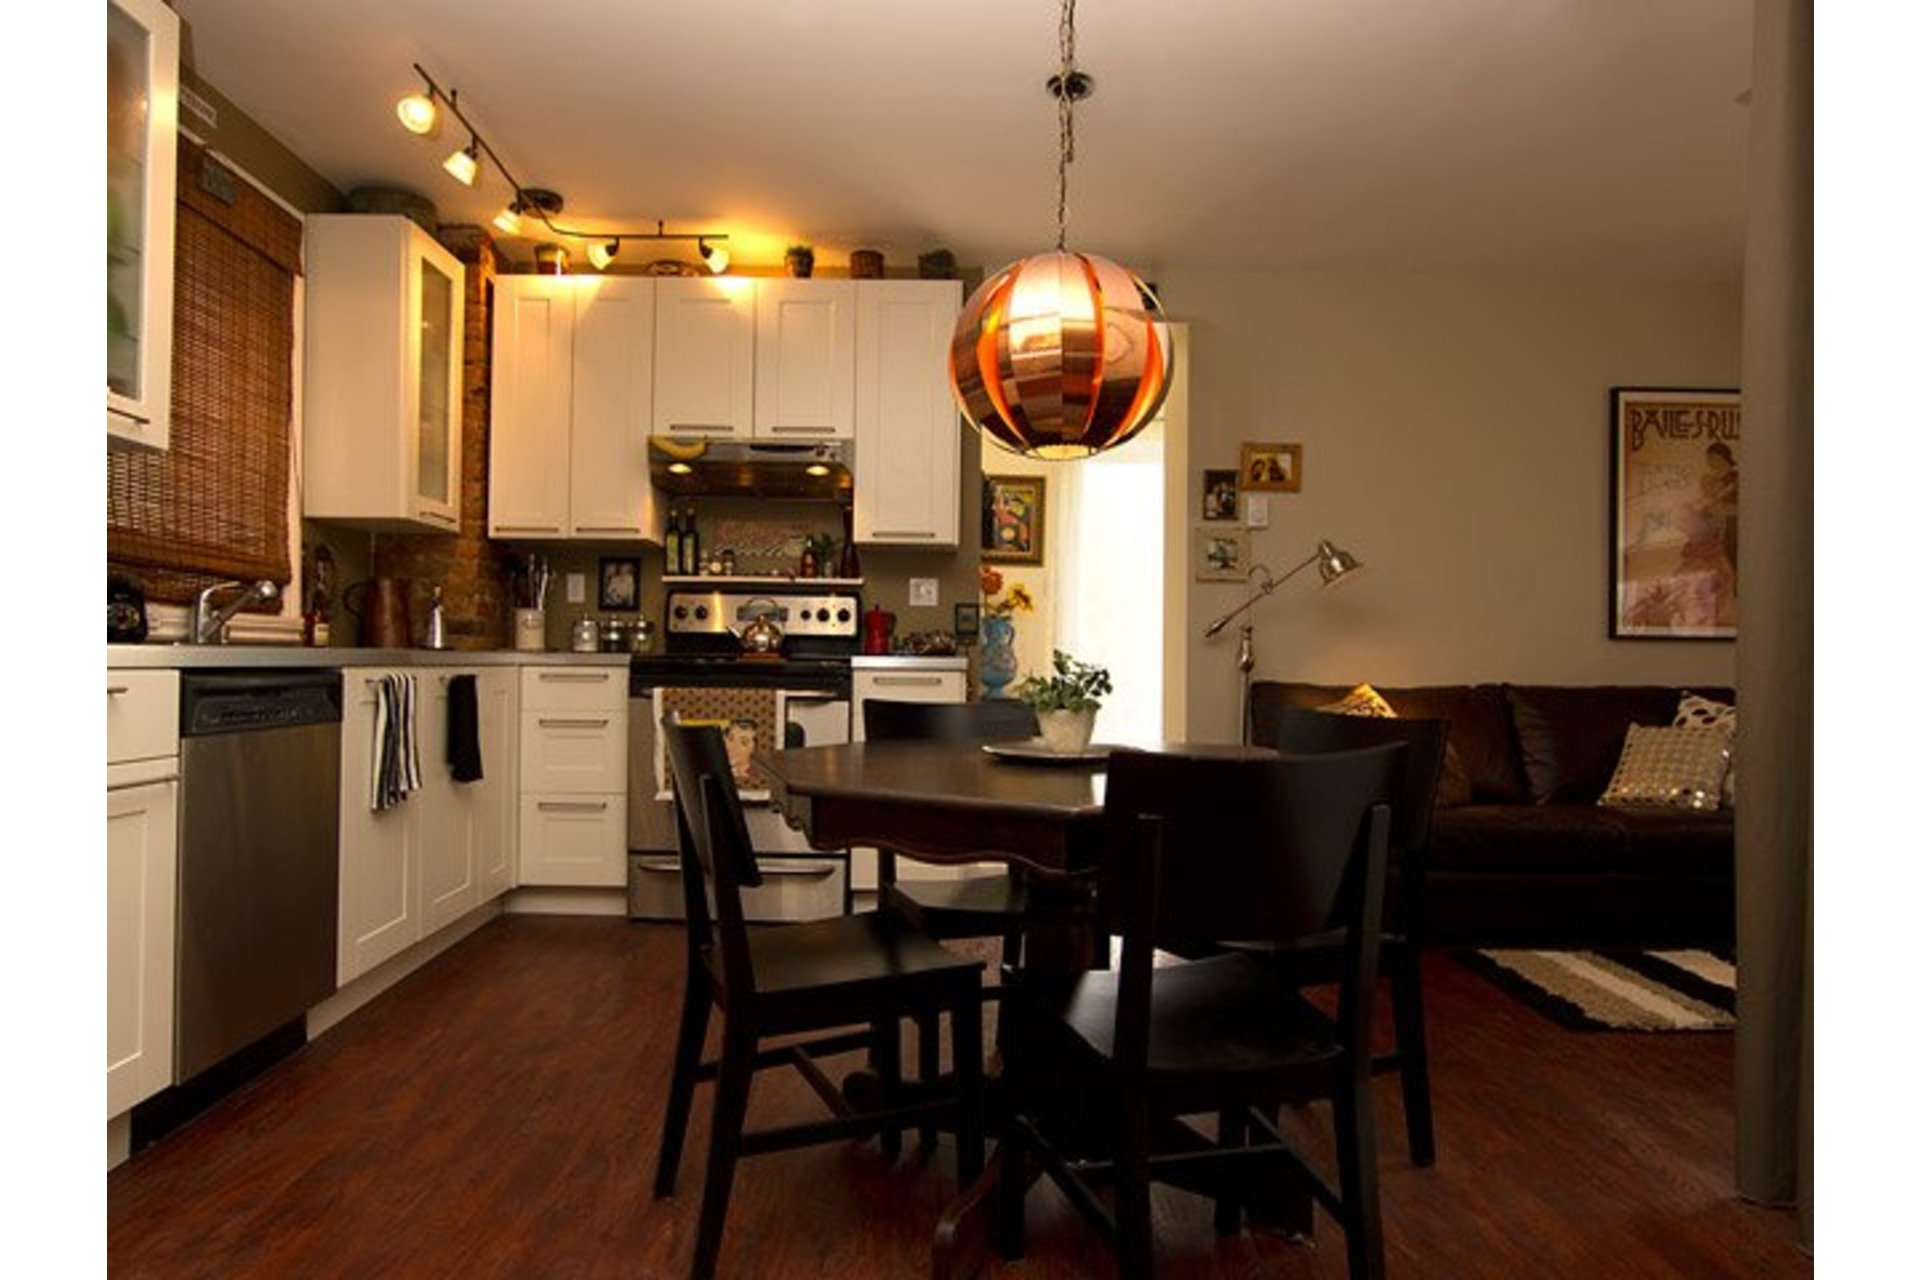 image 25 - Duplex For sale Le Sud-Ouest Montréal  - 5 rooms